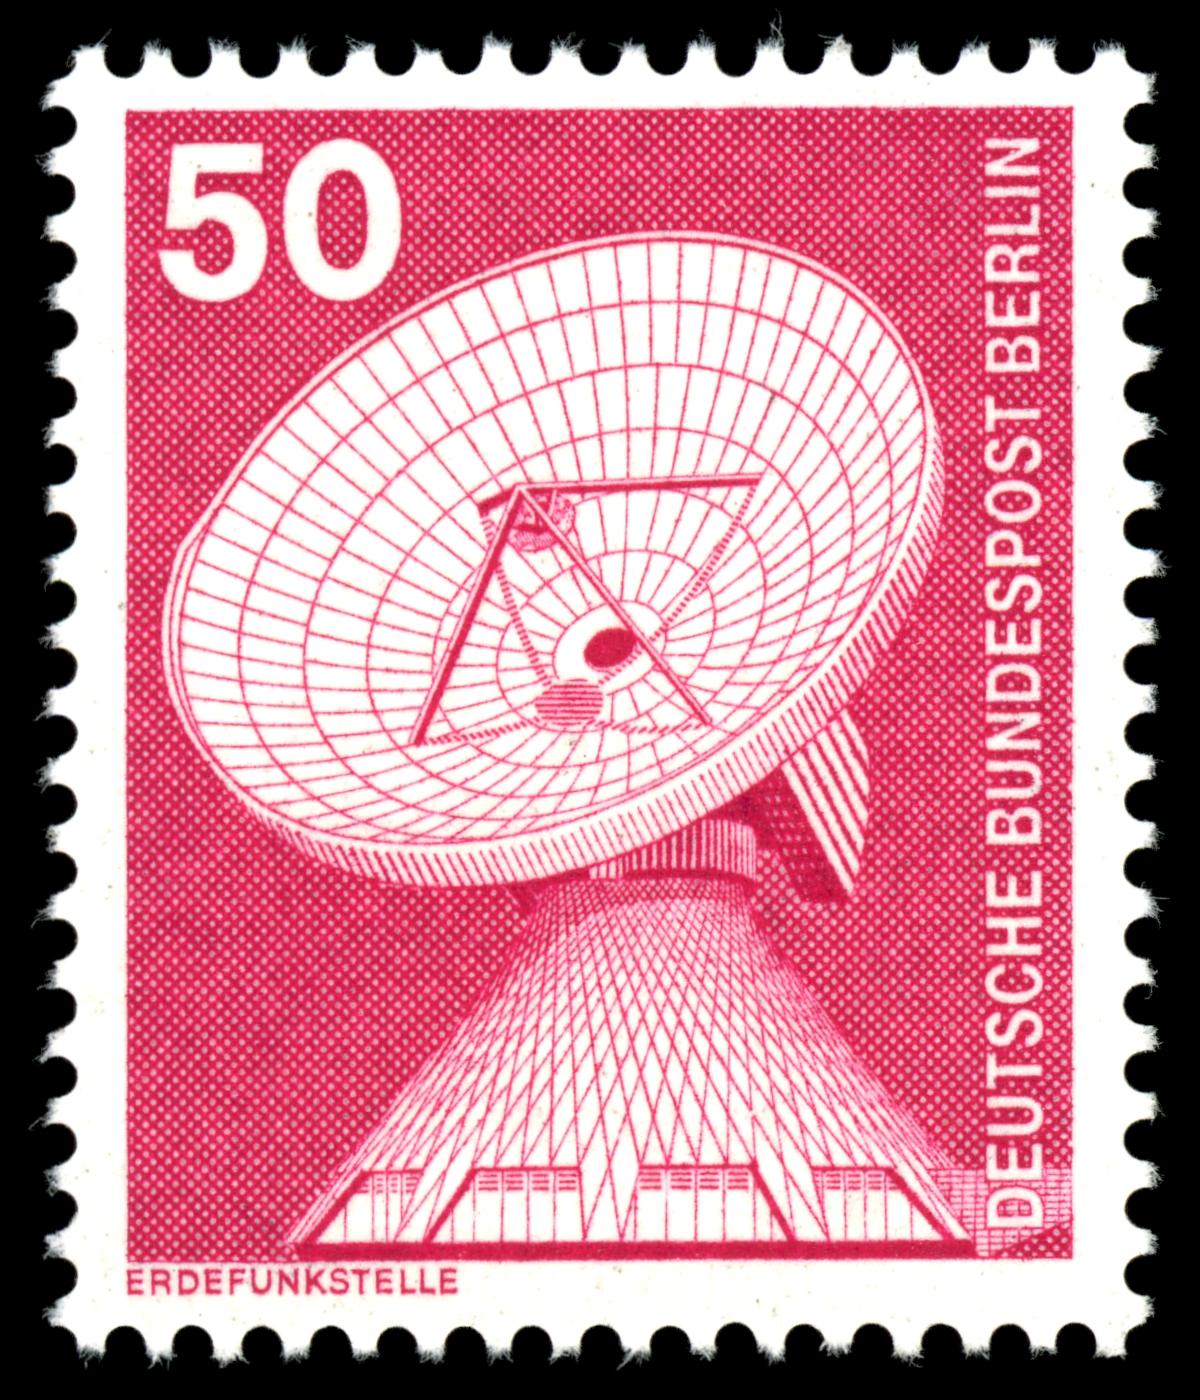 File:Stamps of Germany (Berlin) 1975, MiNr 499.jpg